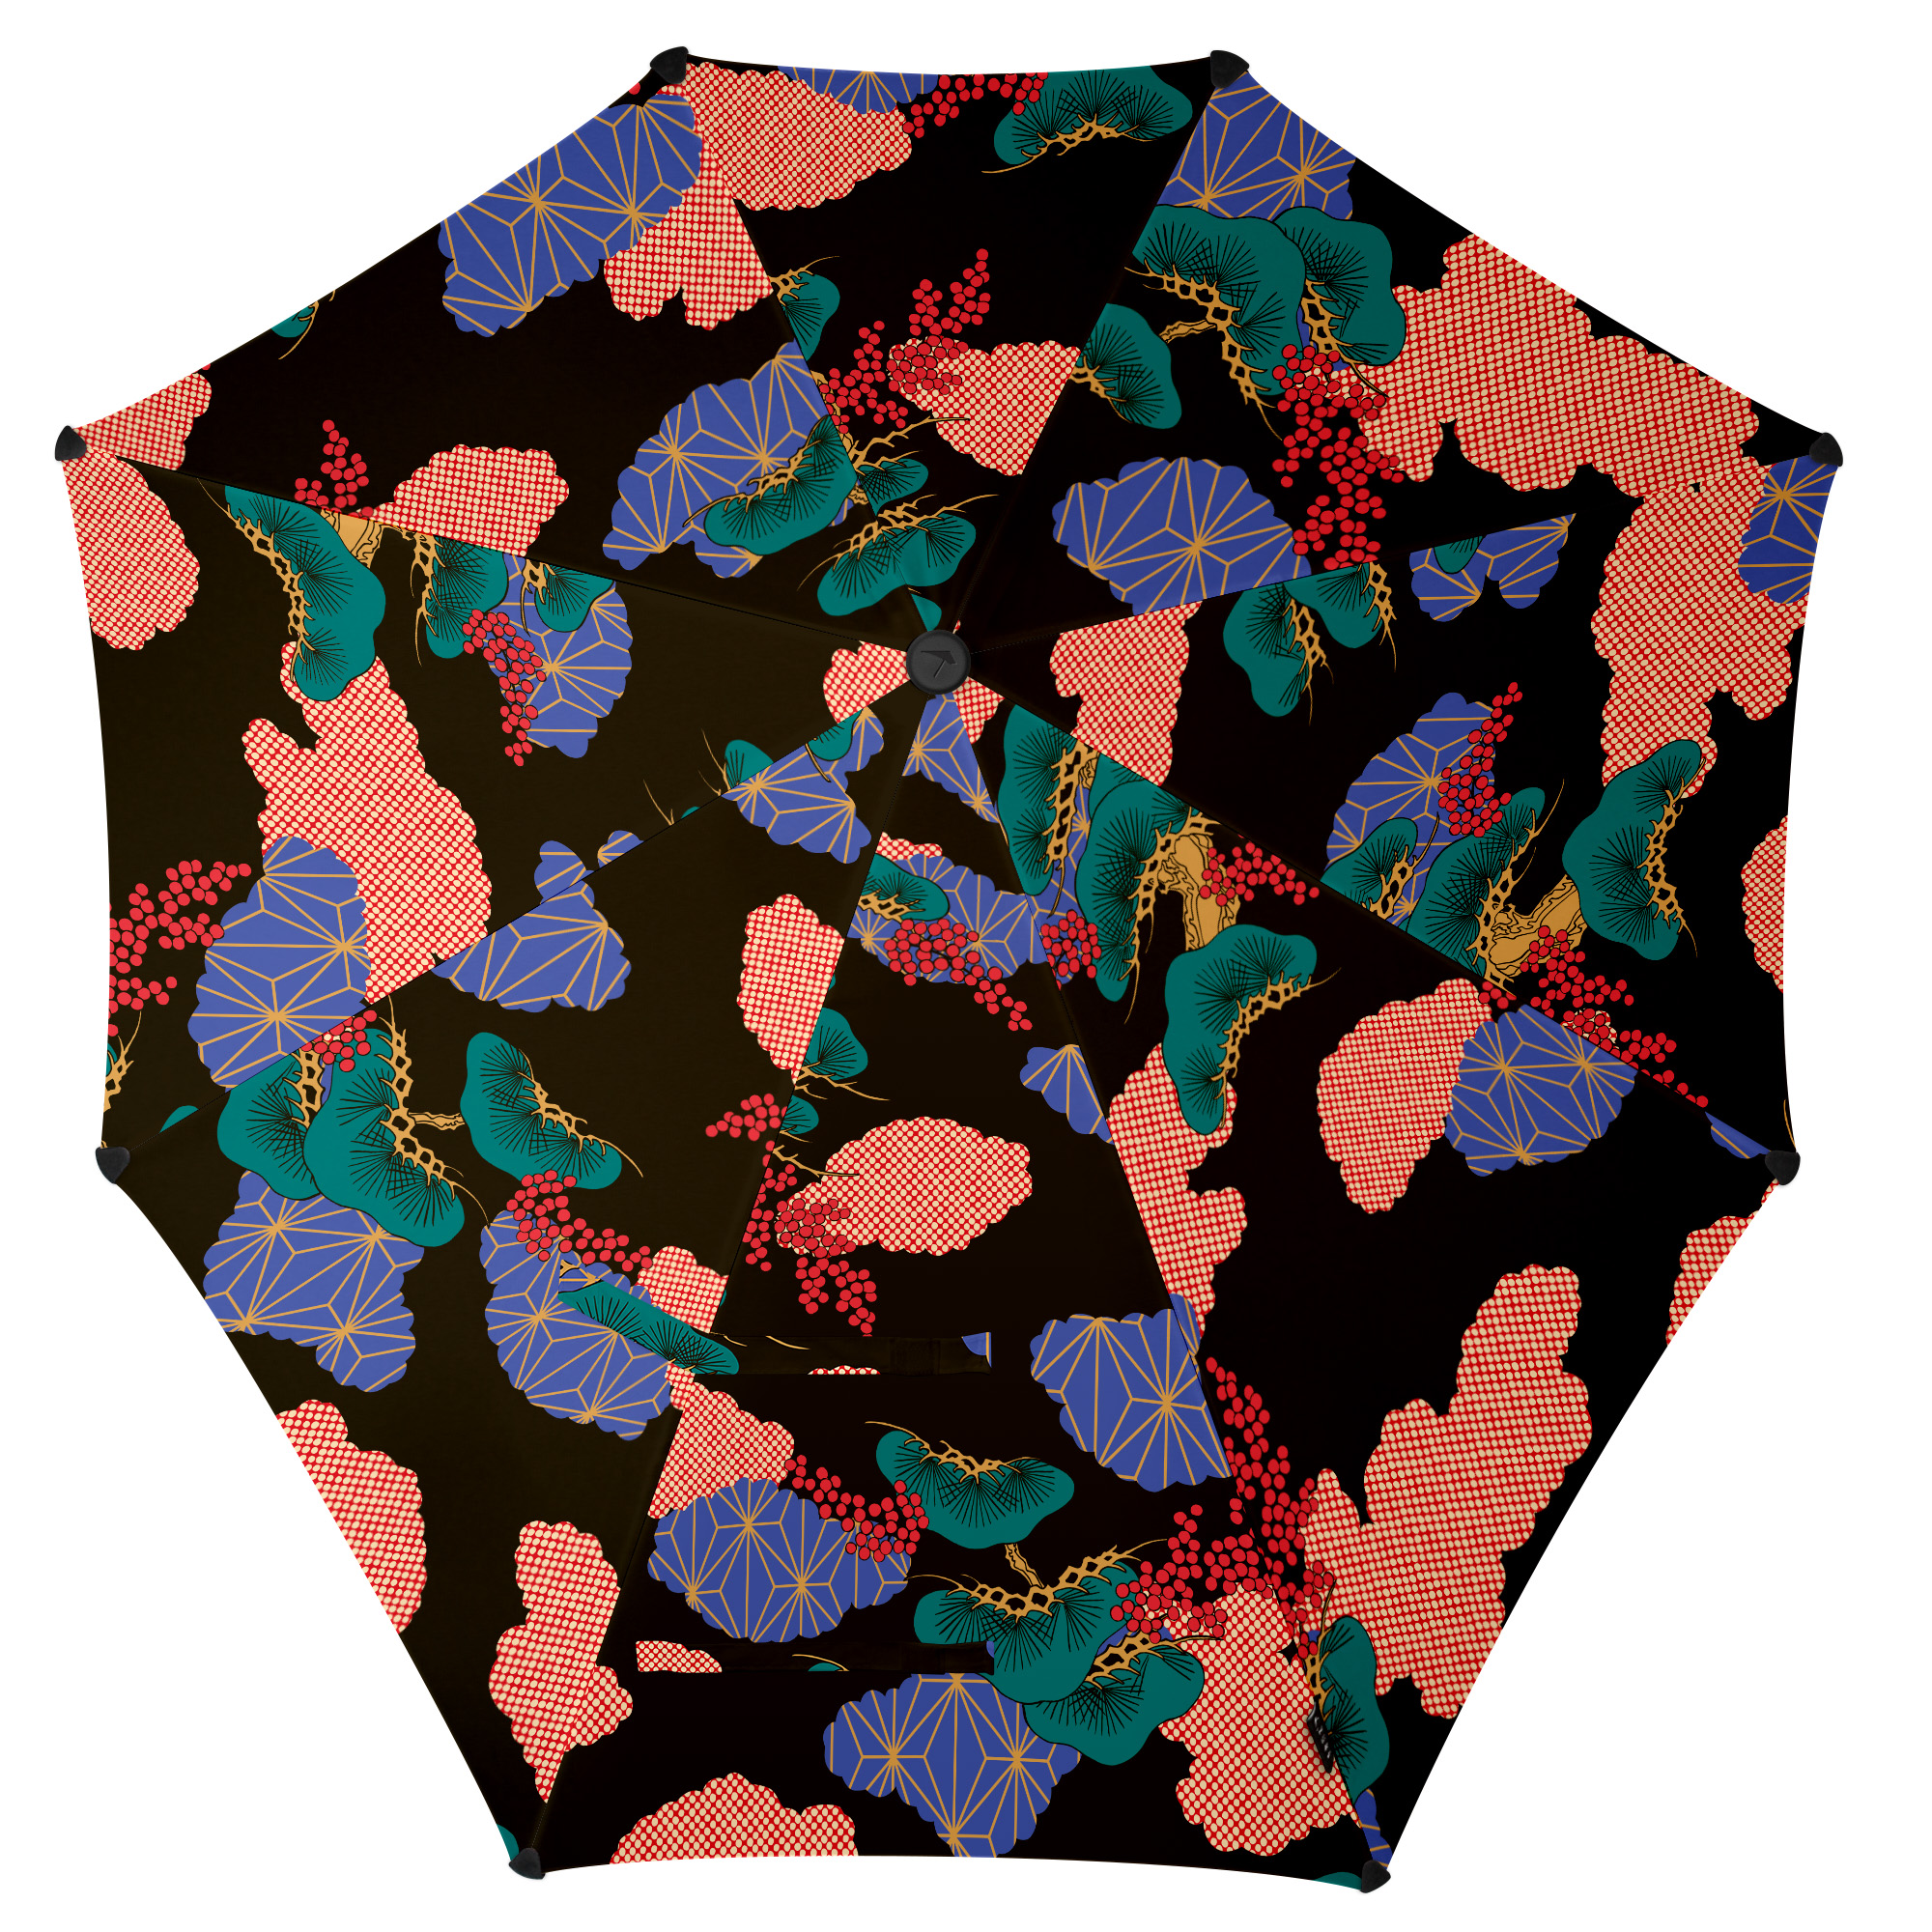 Зонт-трость Senz, цвет: мультиколор. 2011068 senz зонт трость senz° original flying high